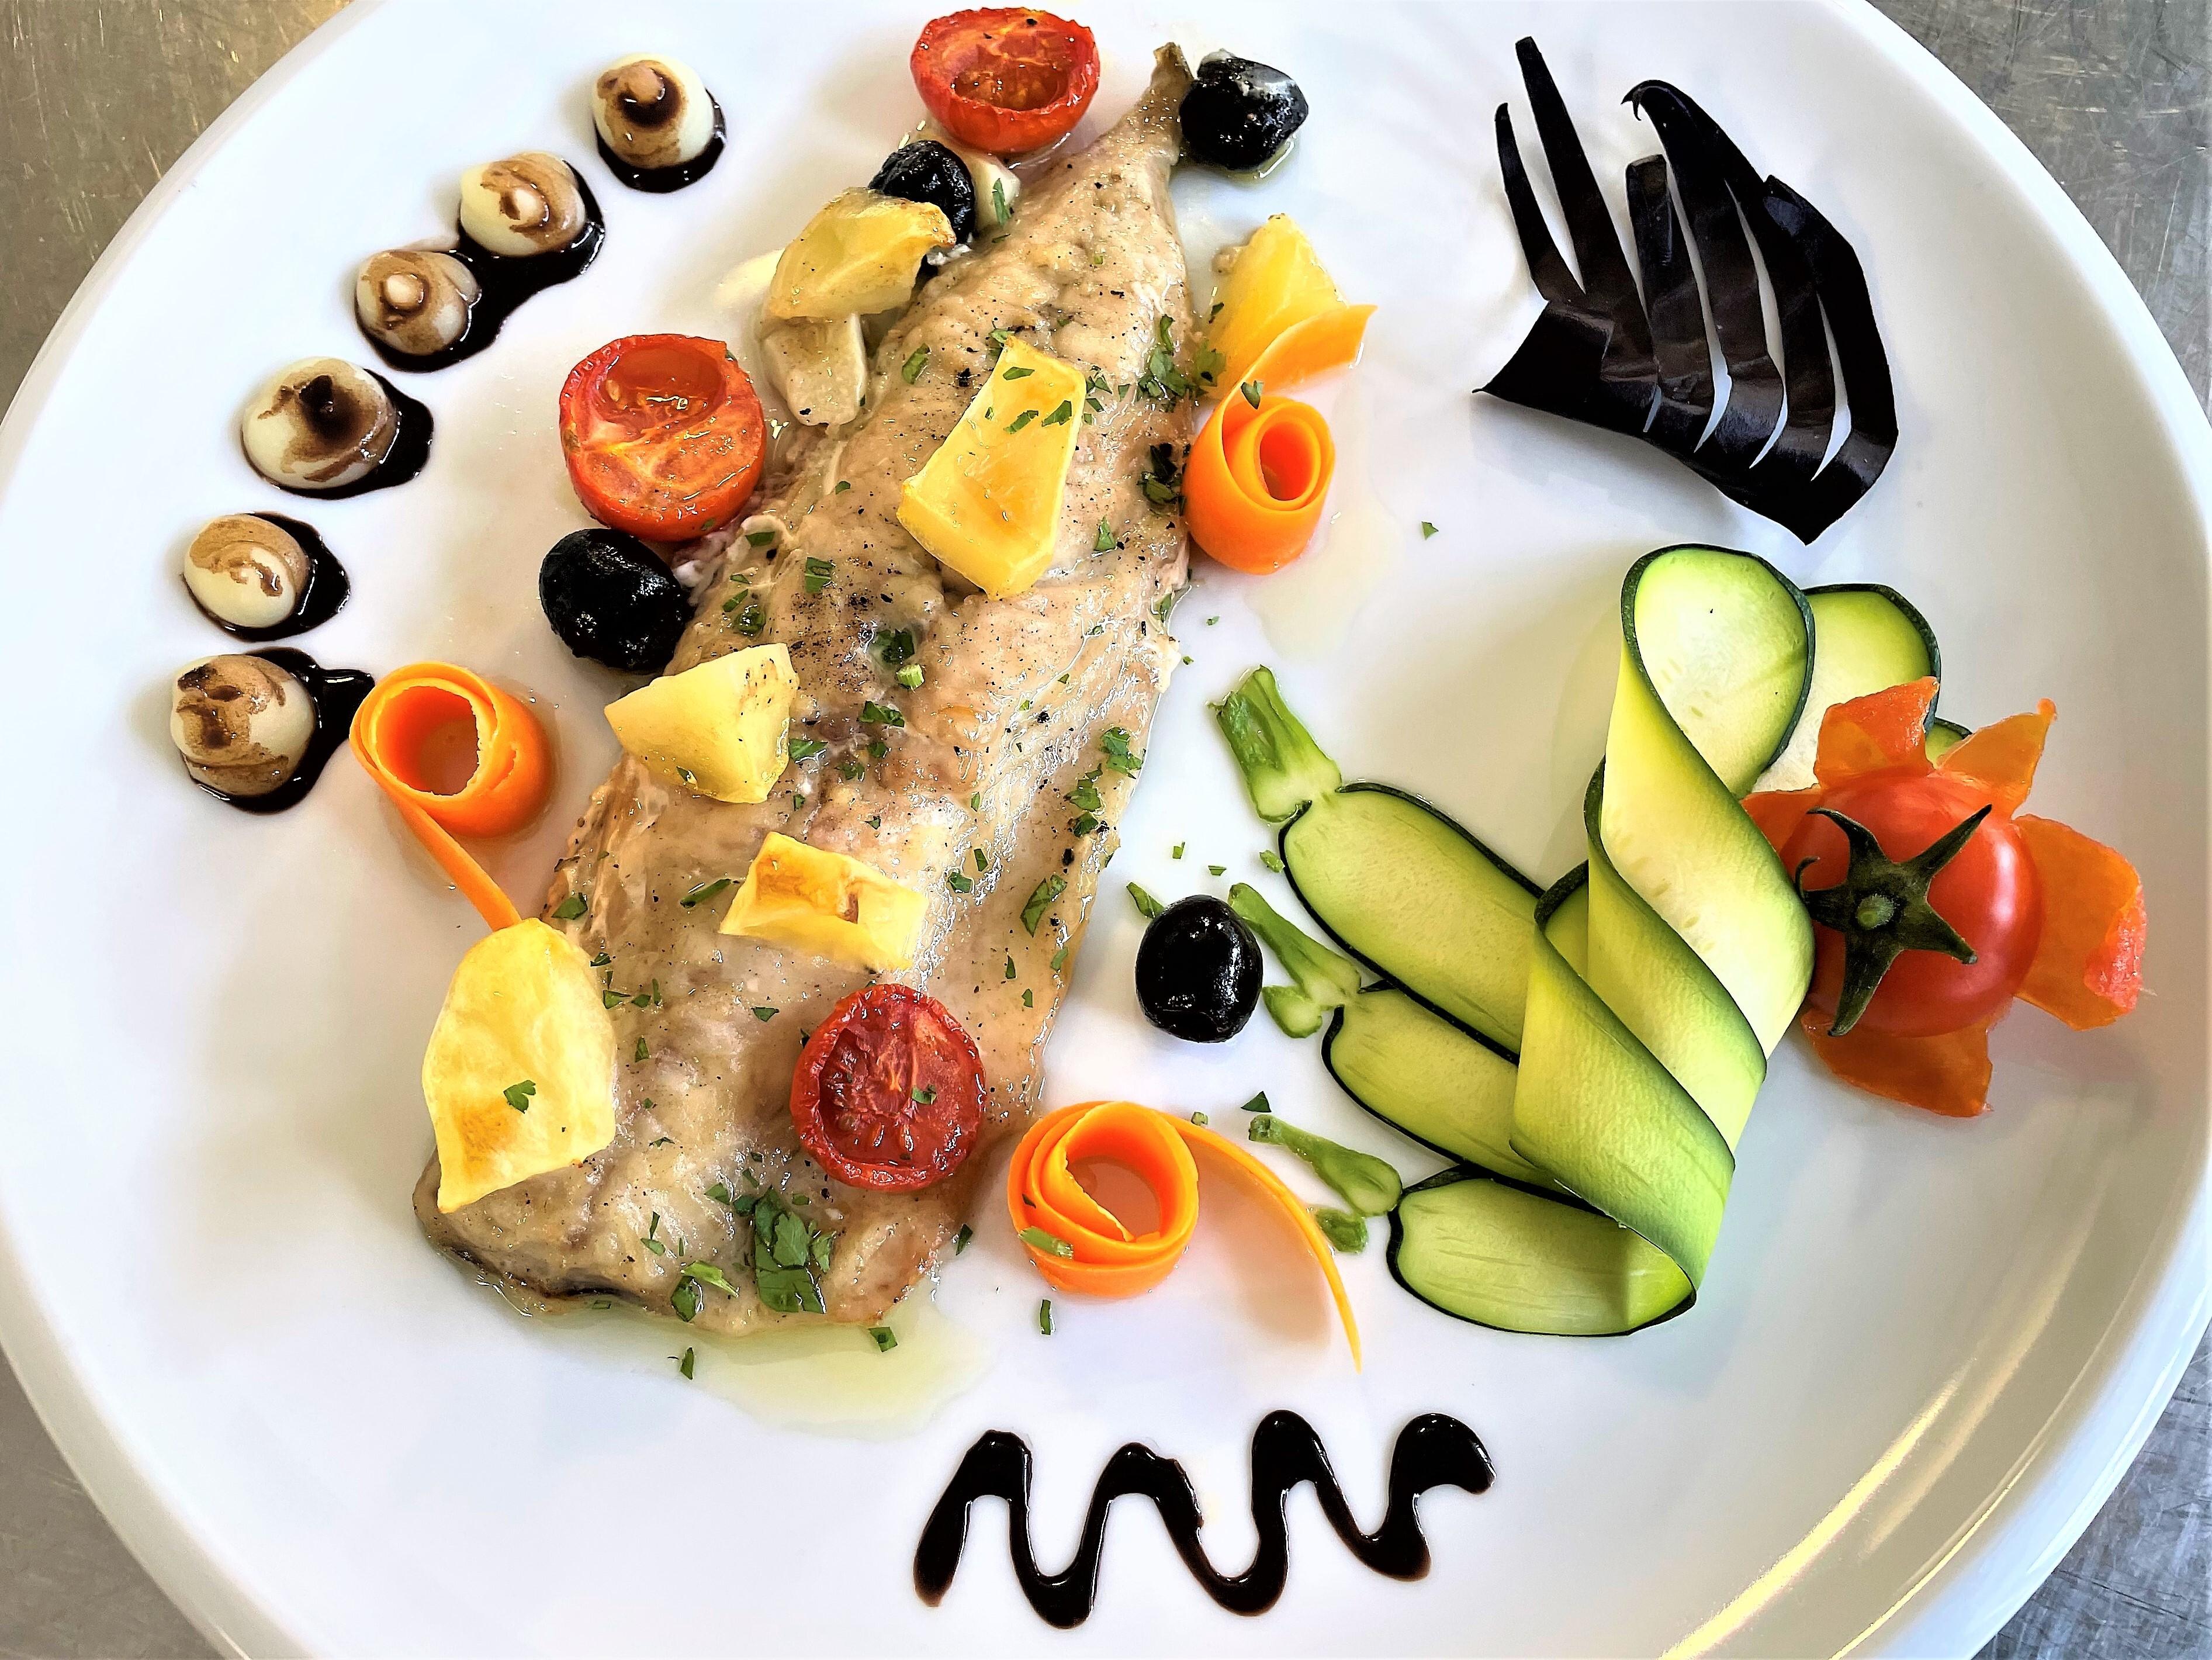 Filetto-di-sgombro-con-patate-e-olive